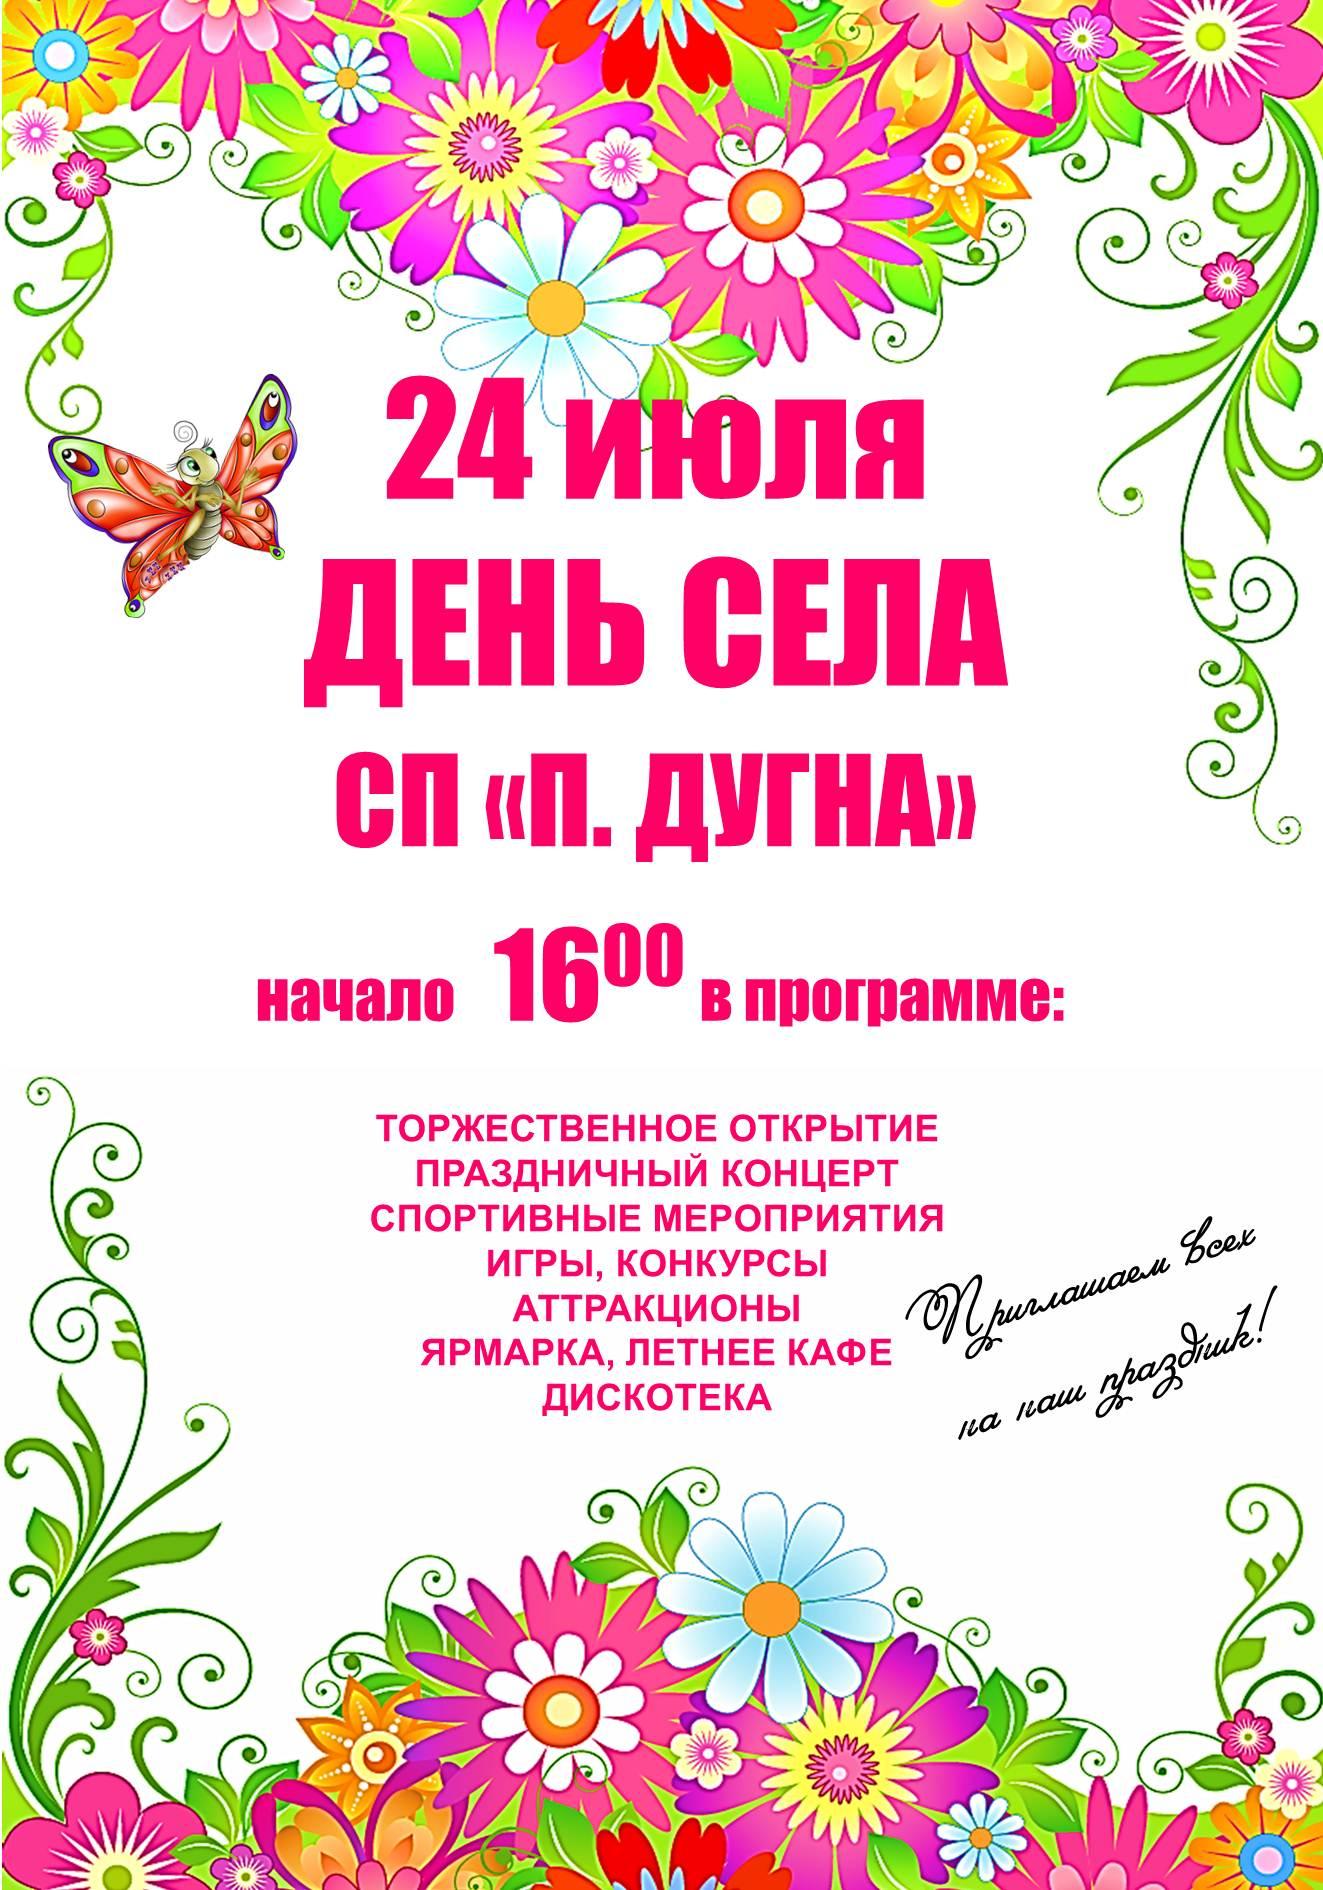 картинки приглашение на день села приоритете галереи возвращение